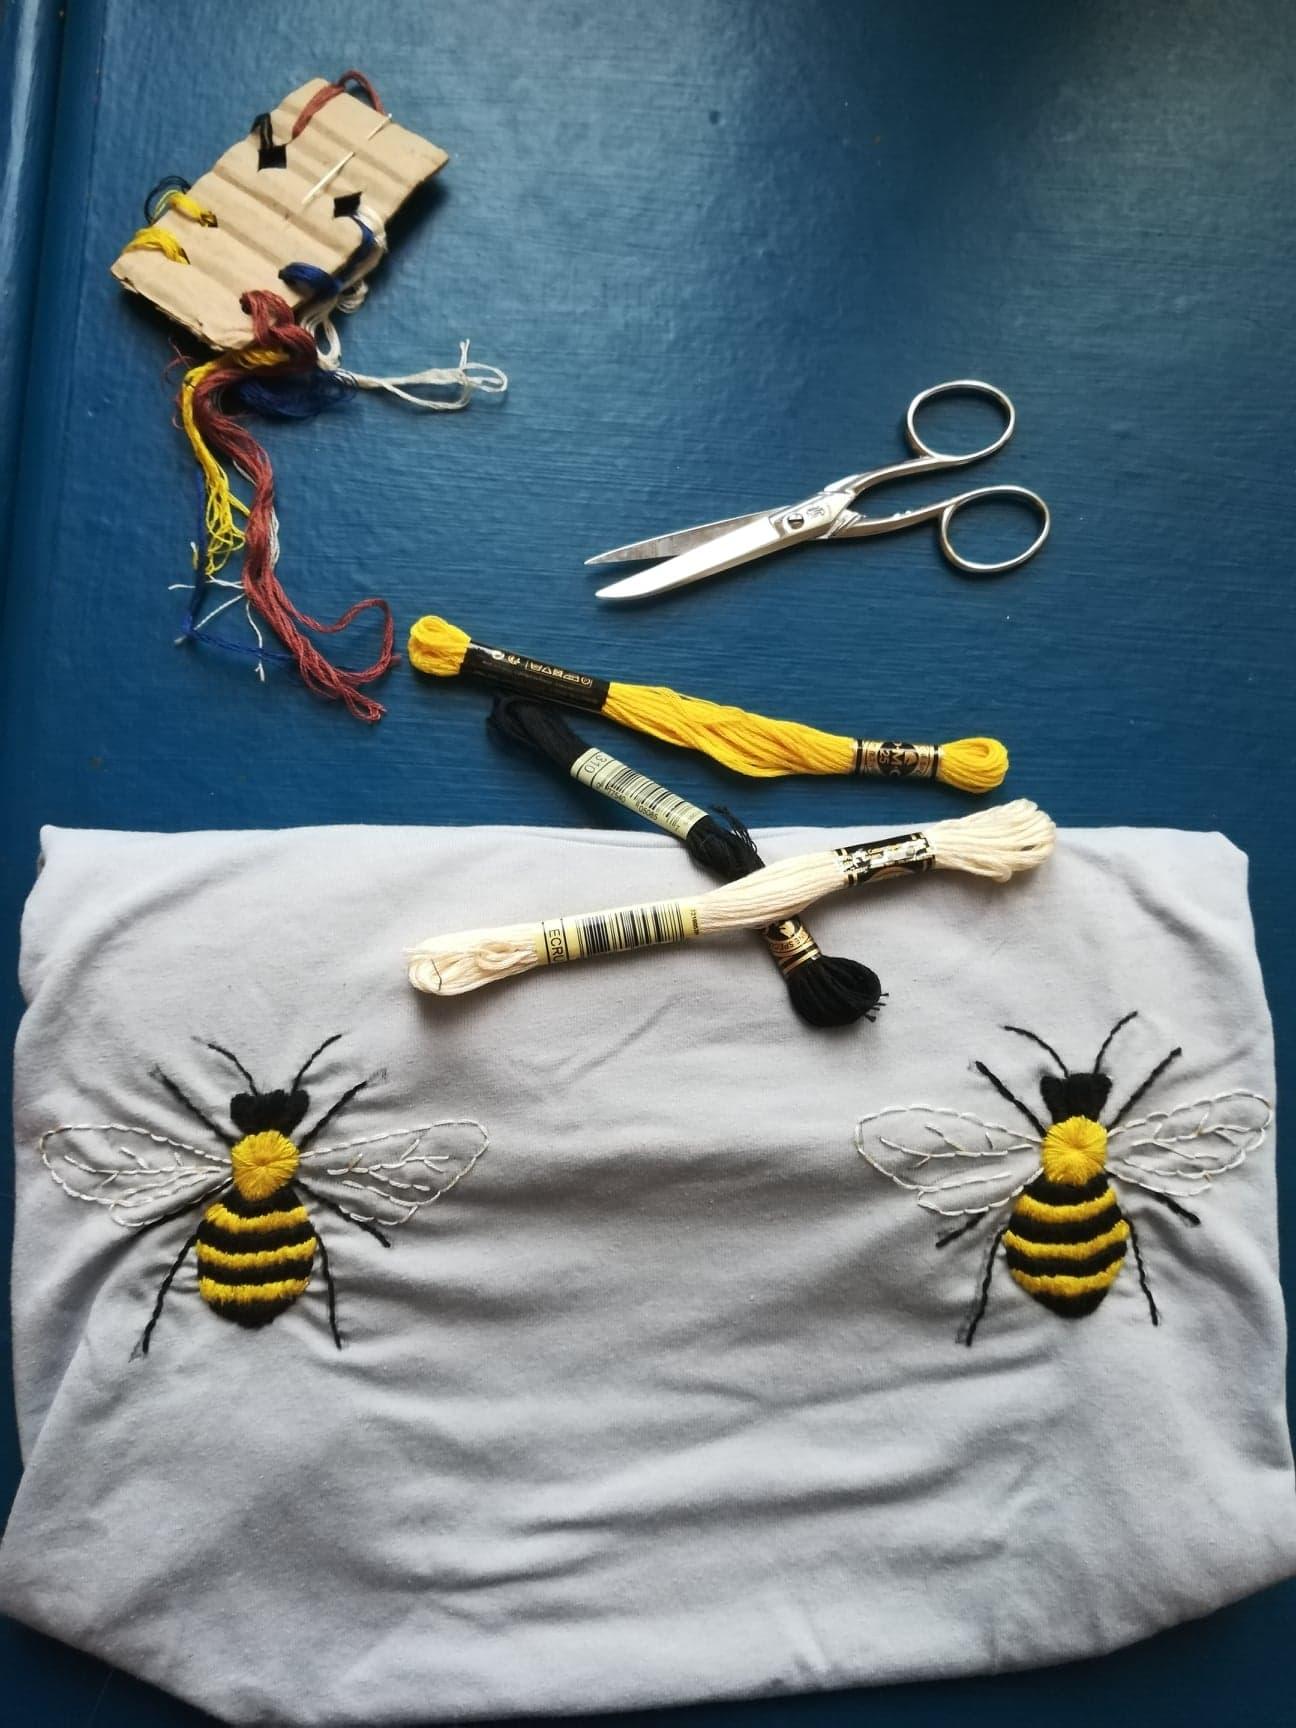 Sur un table un kit de broderie est posé. Une paire de ciseaux, des fils jaunes, blancs et noirs. Deux abeilles sont brodées symétriquement sur un T-shirt mais elles ne sont pas totalement terminées, les ailes sont encore à remplir.